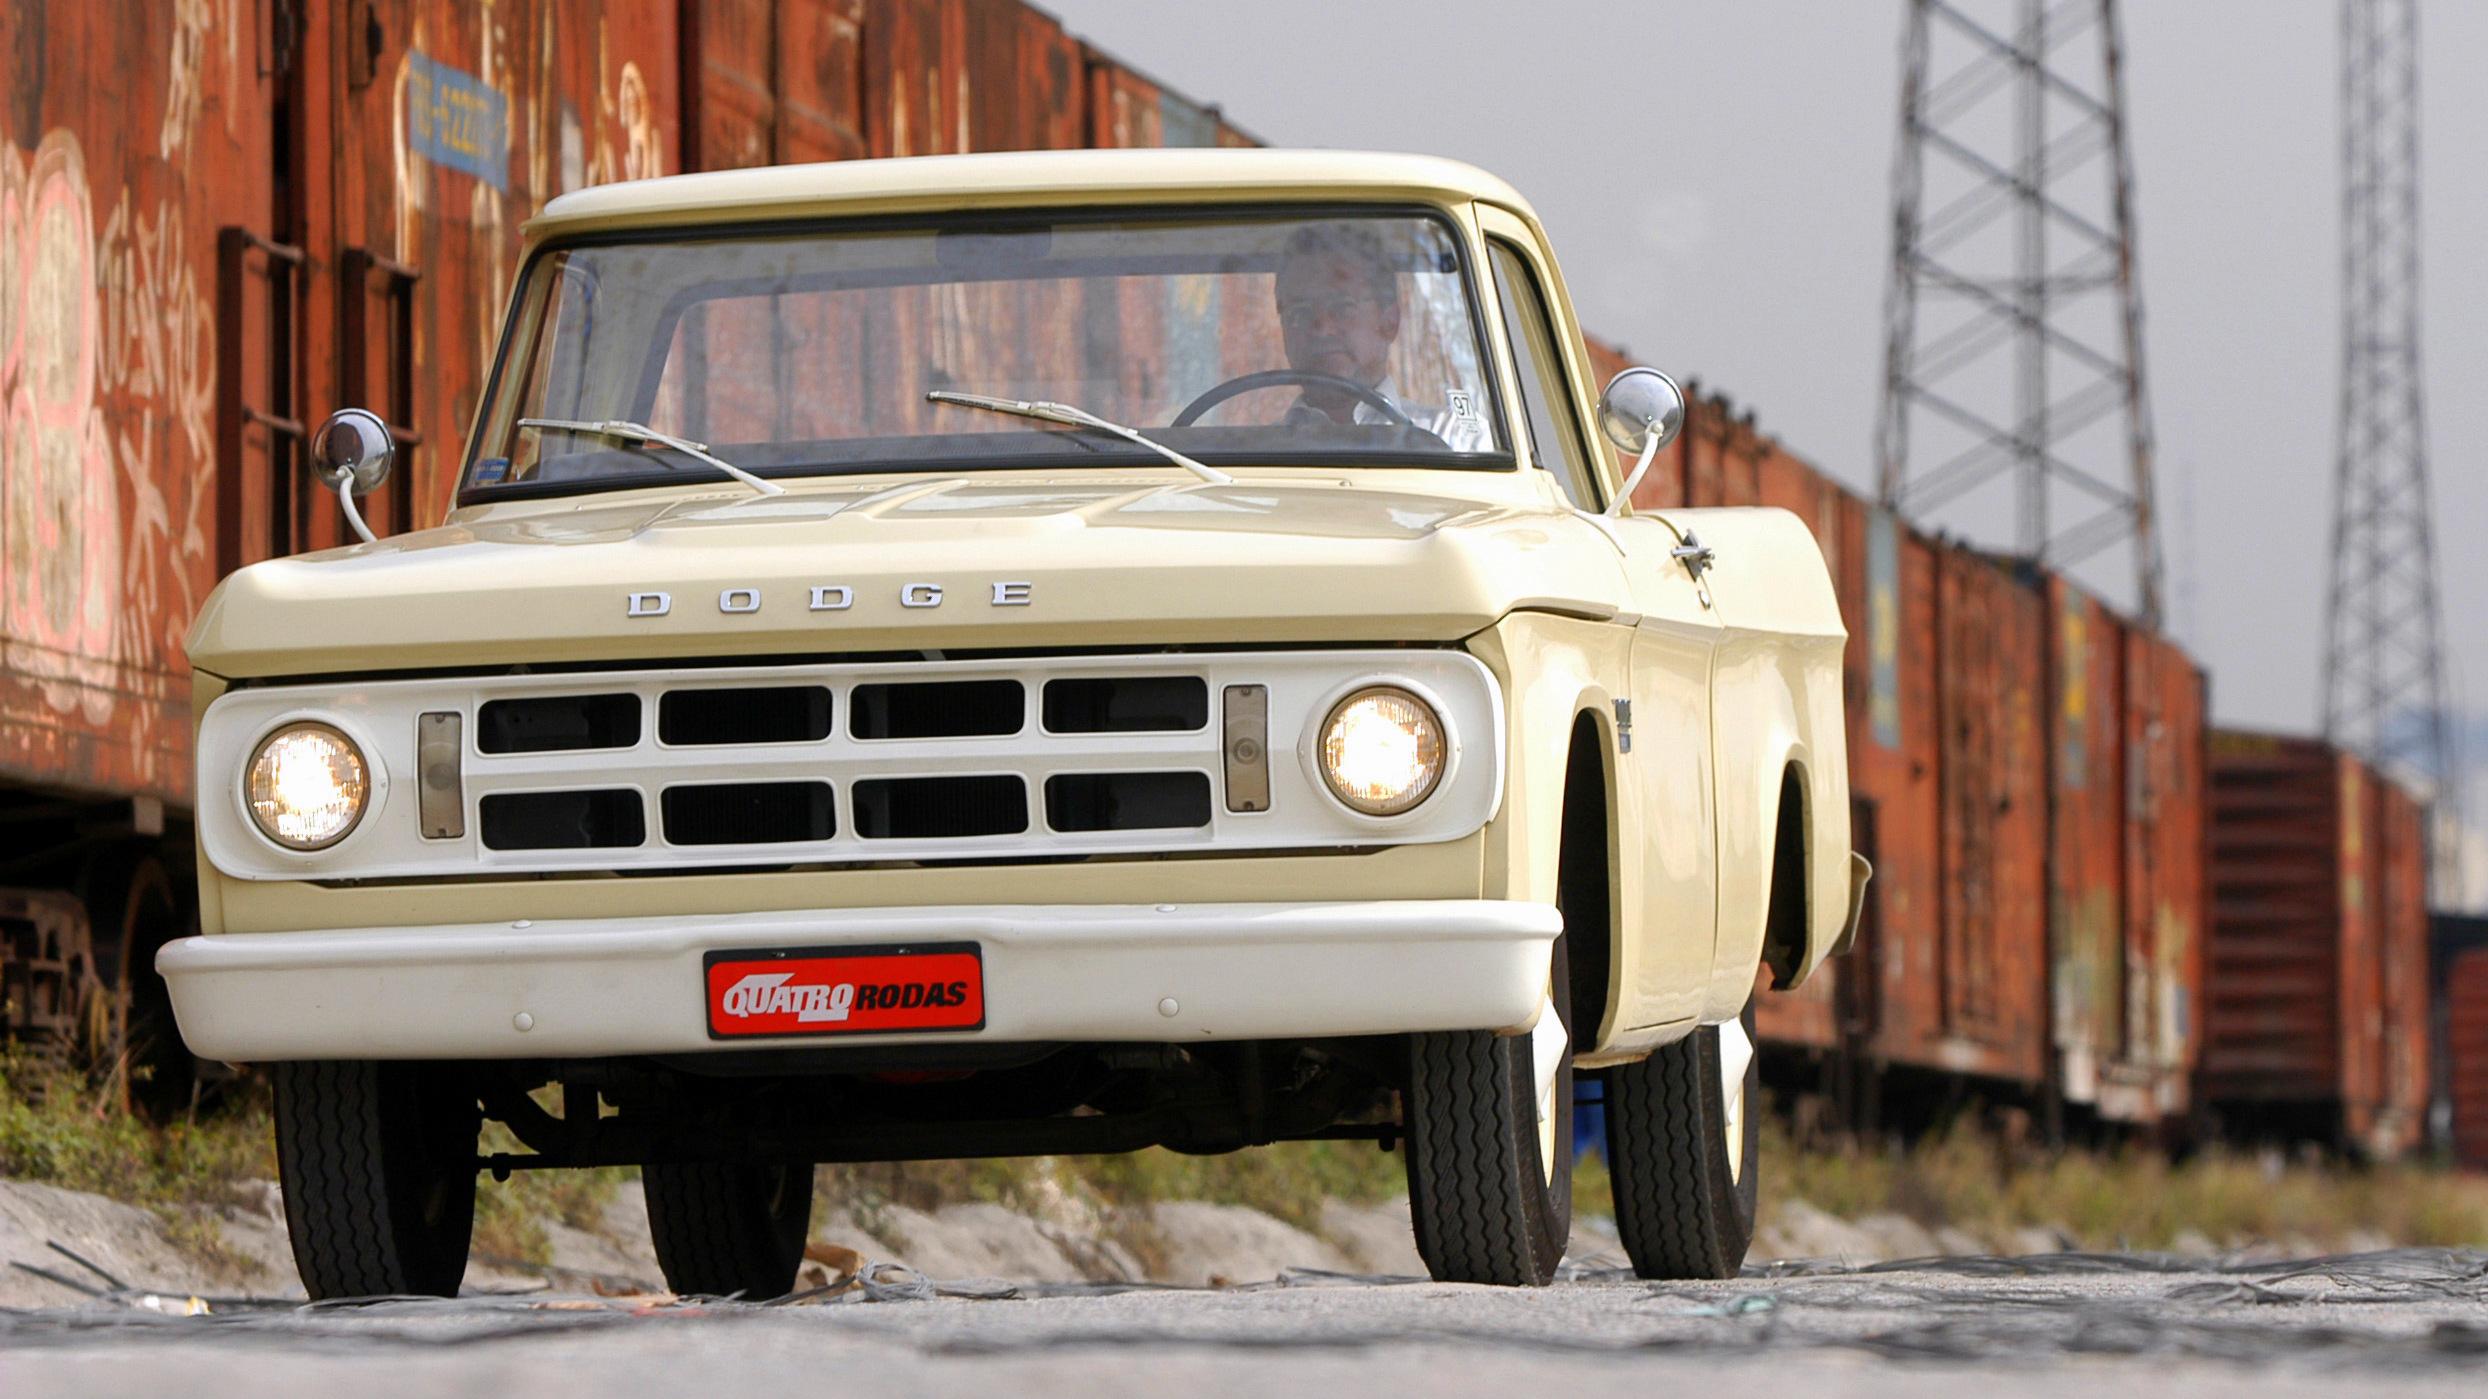 Picape Dodge D 100, ano 1970 da Chrysler, pertencente ao proprietario Fábio Stei